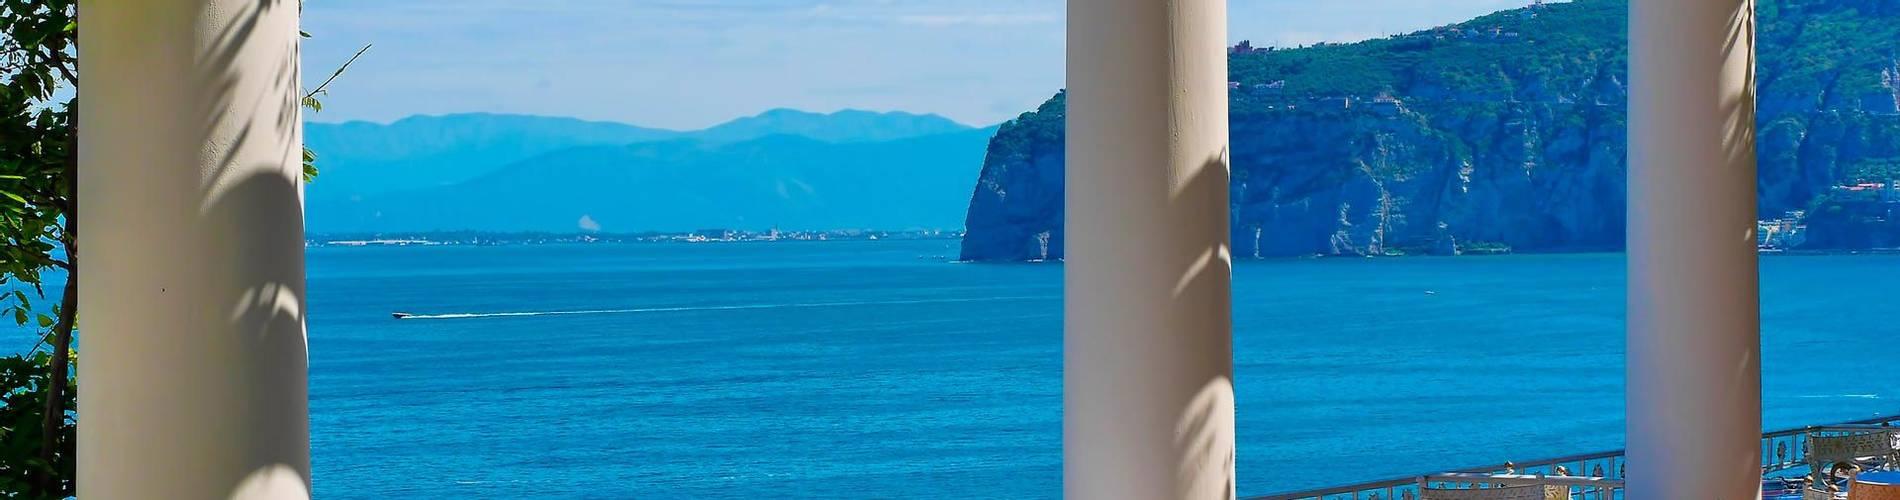 Bellevue Syrene, Sorrento, Italy (7).jpg